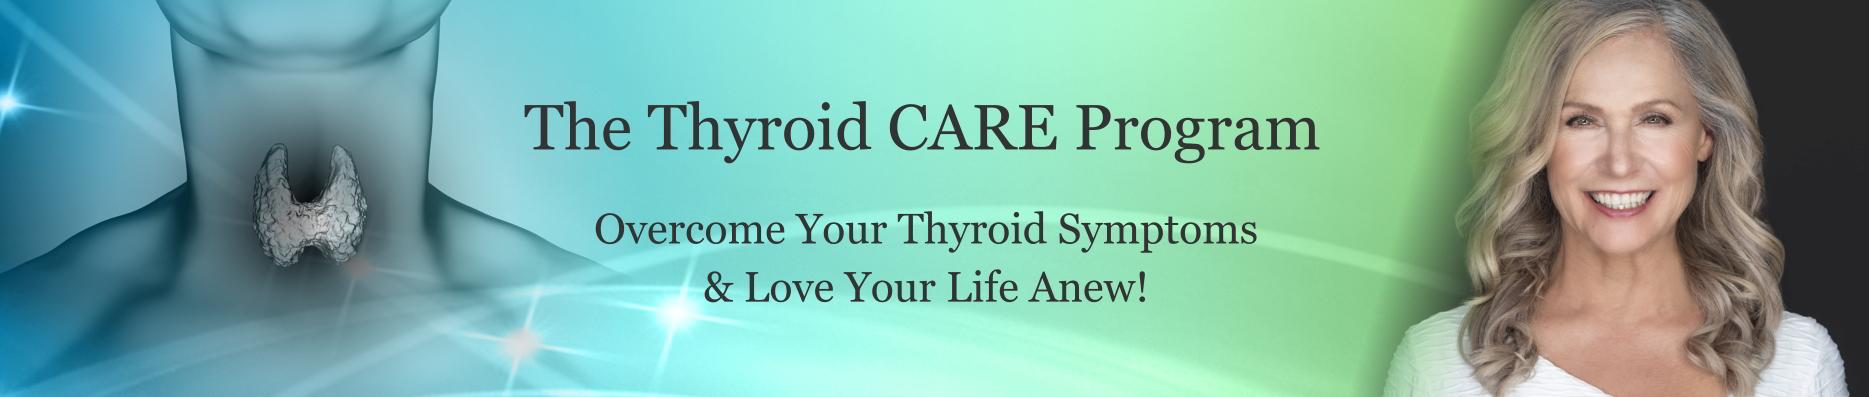 Vannette's Thyroid Care Program - Overcome Thyroid Symptoms